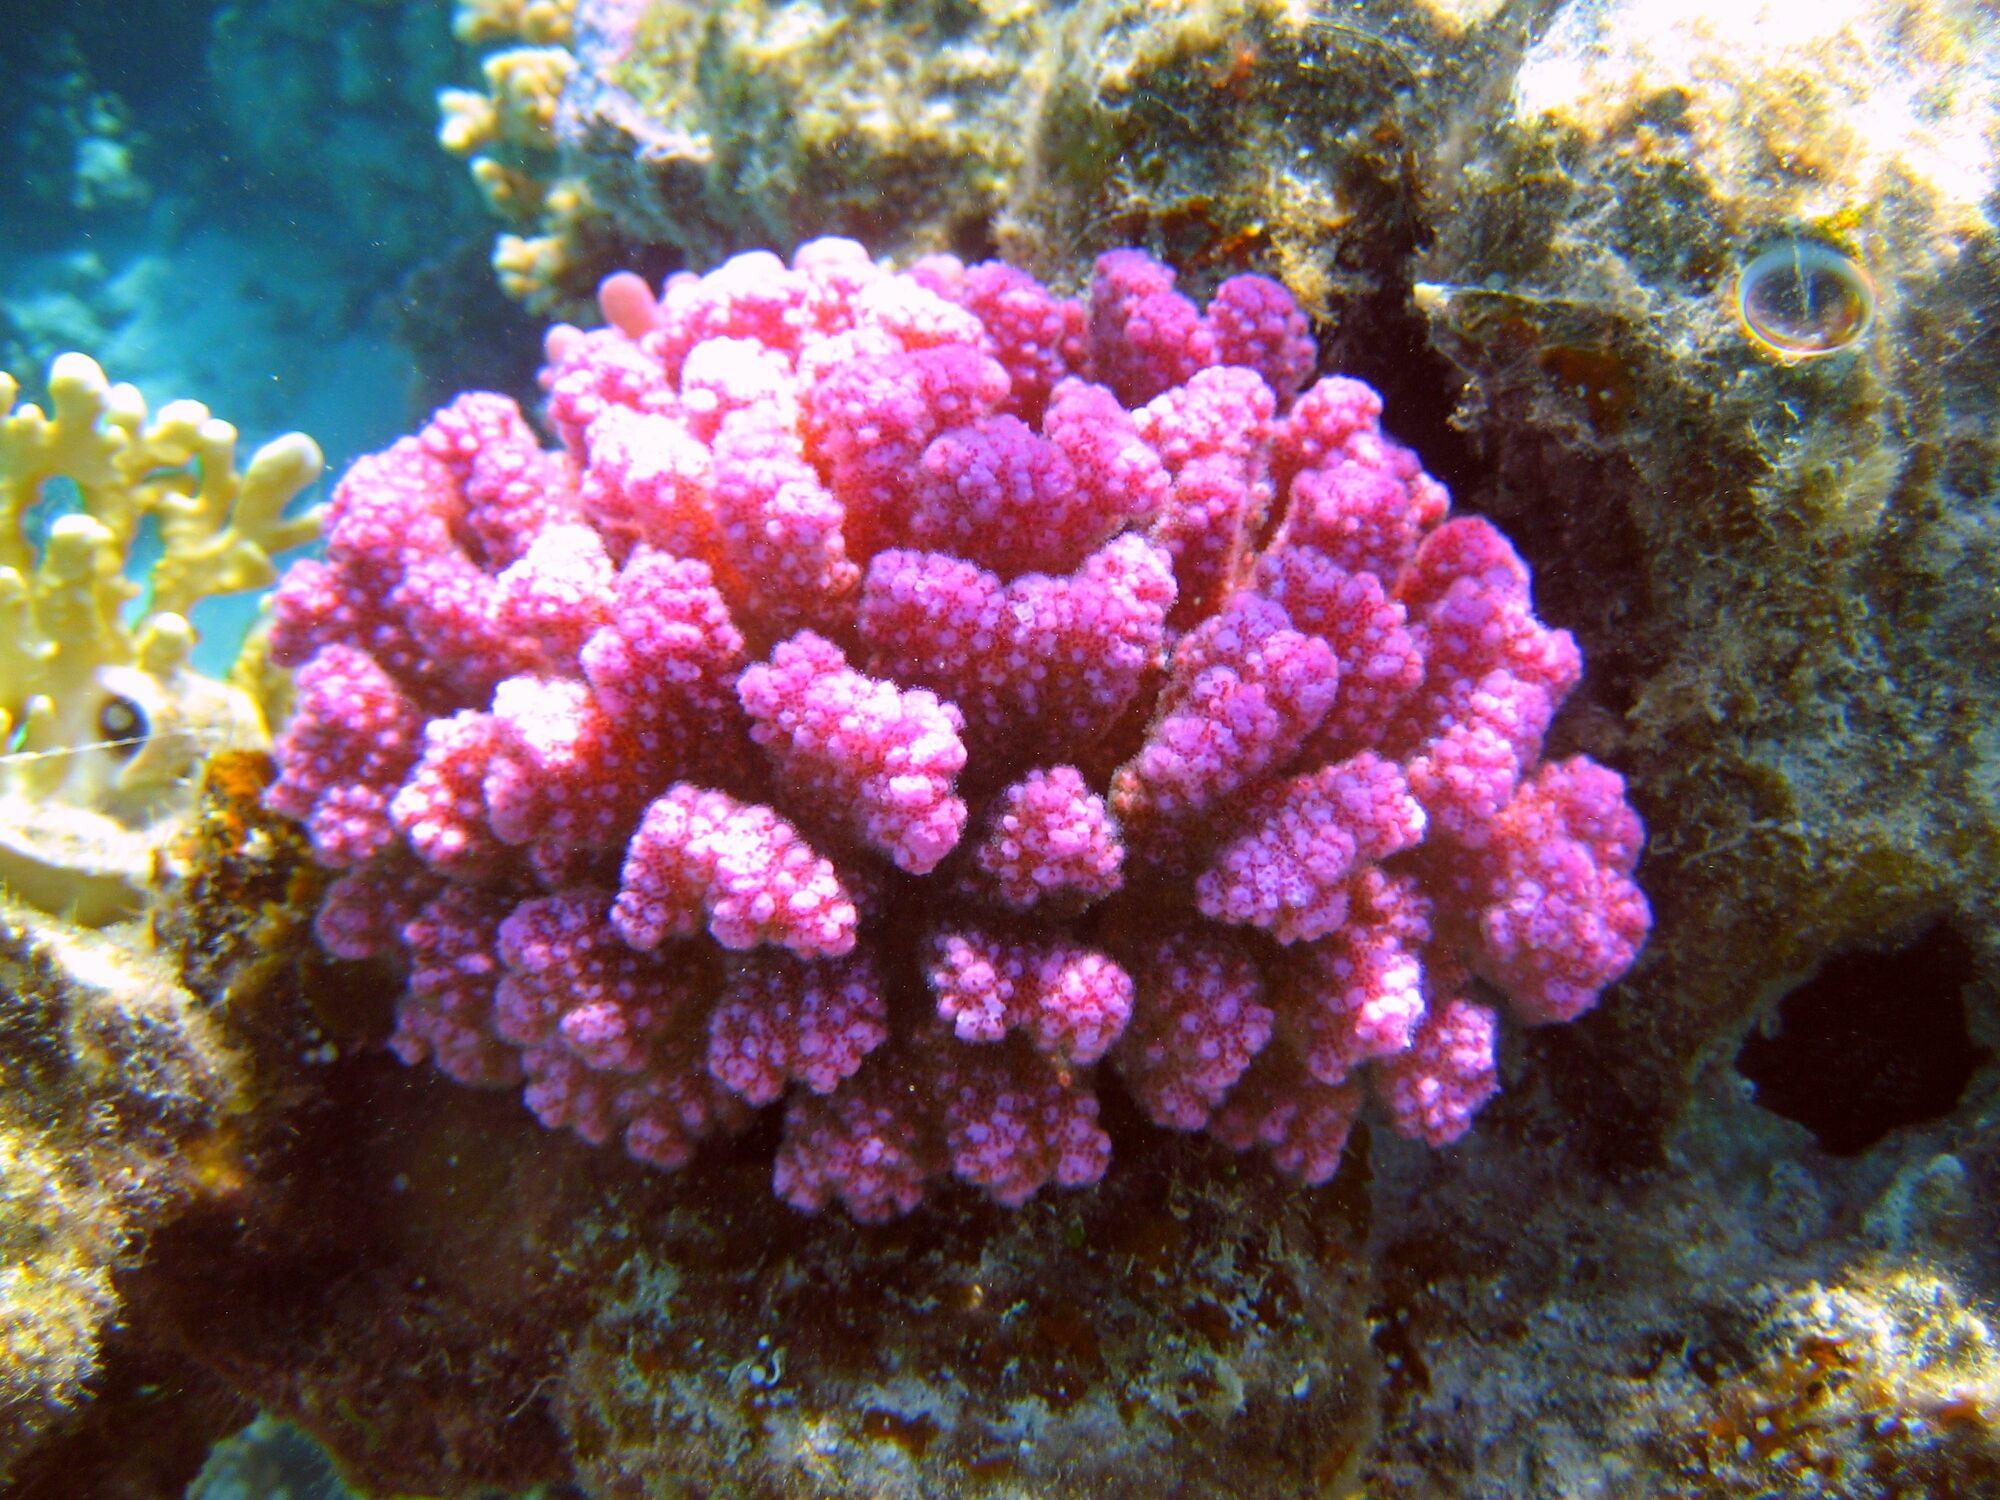 Bild mit Korallen, Am Korallenriff, rotes Meer, koralle, riff